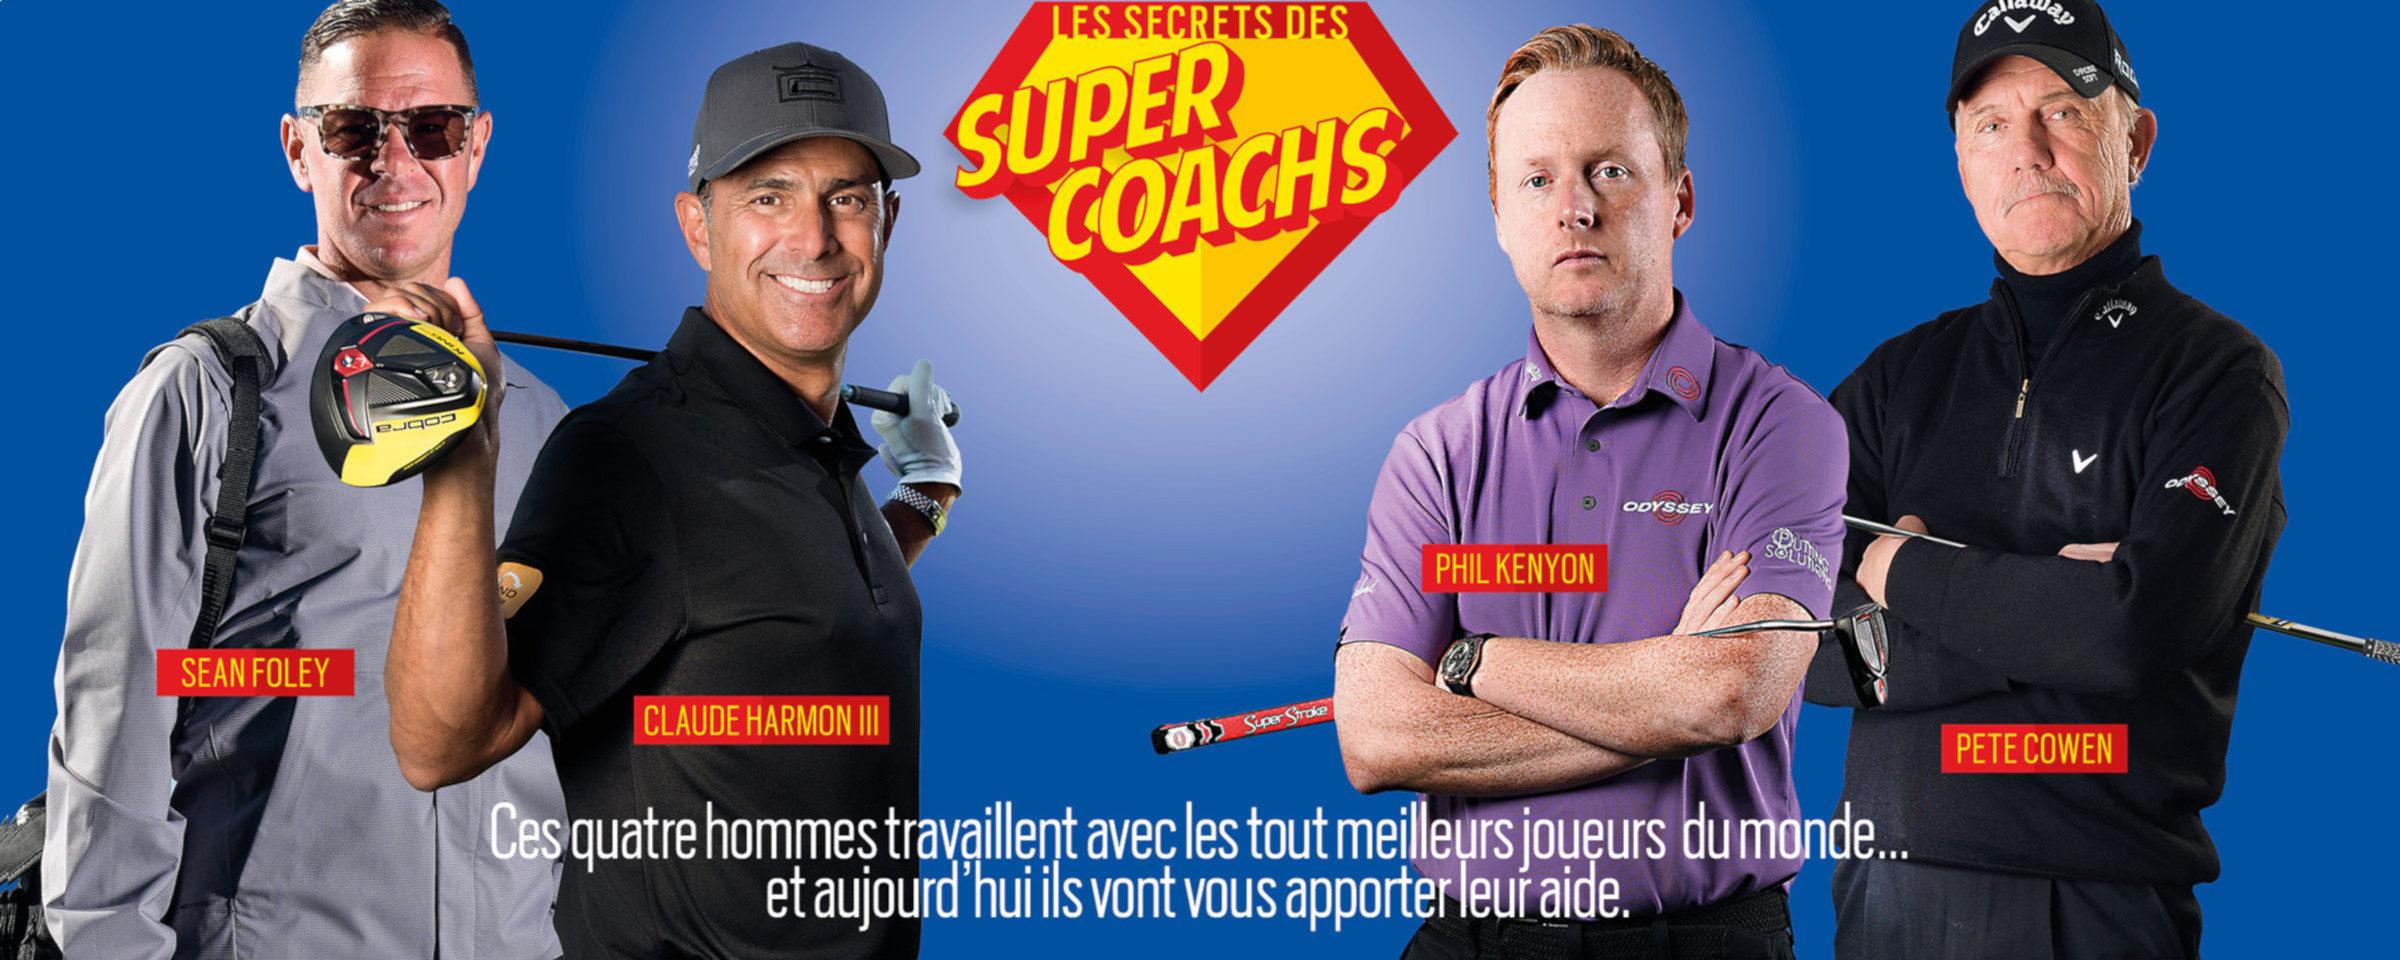 Les secrets des Super Coachs